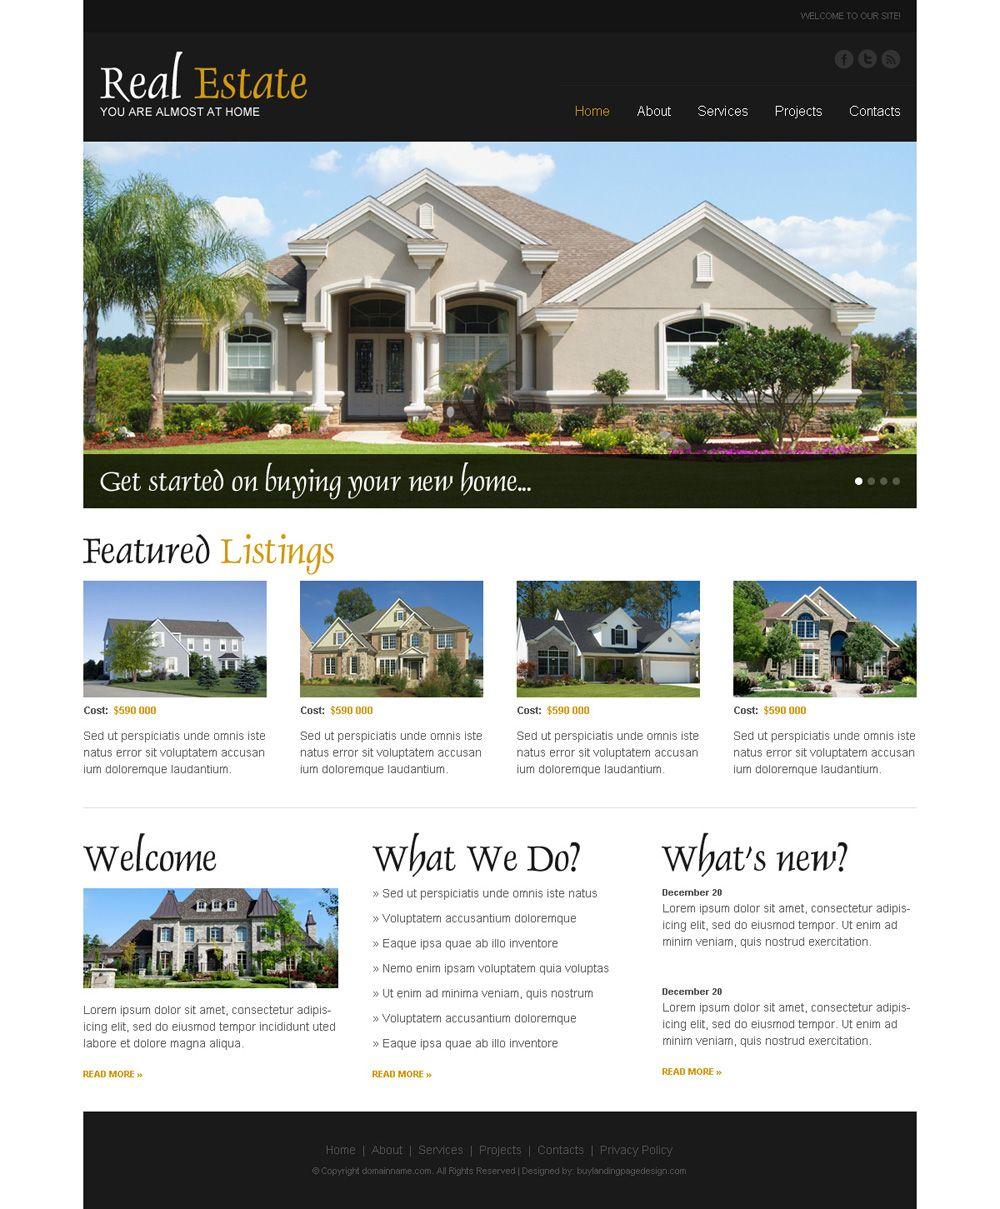 Pin by Mrinal (landing page designer) on real estate landing page